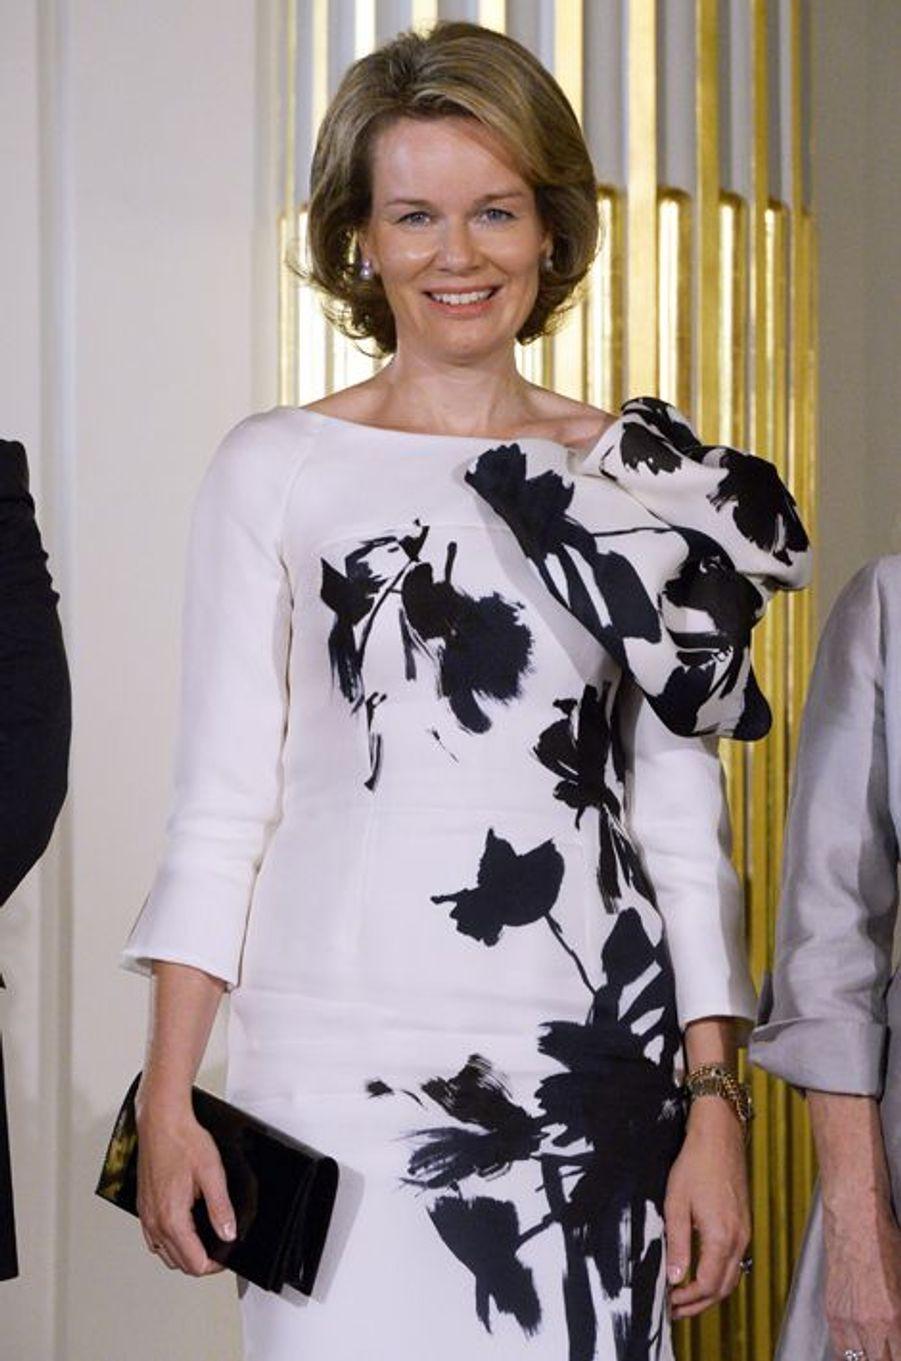 La reine Mathilde de Belgique à Bruxelles, le 8 octobre 2015